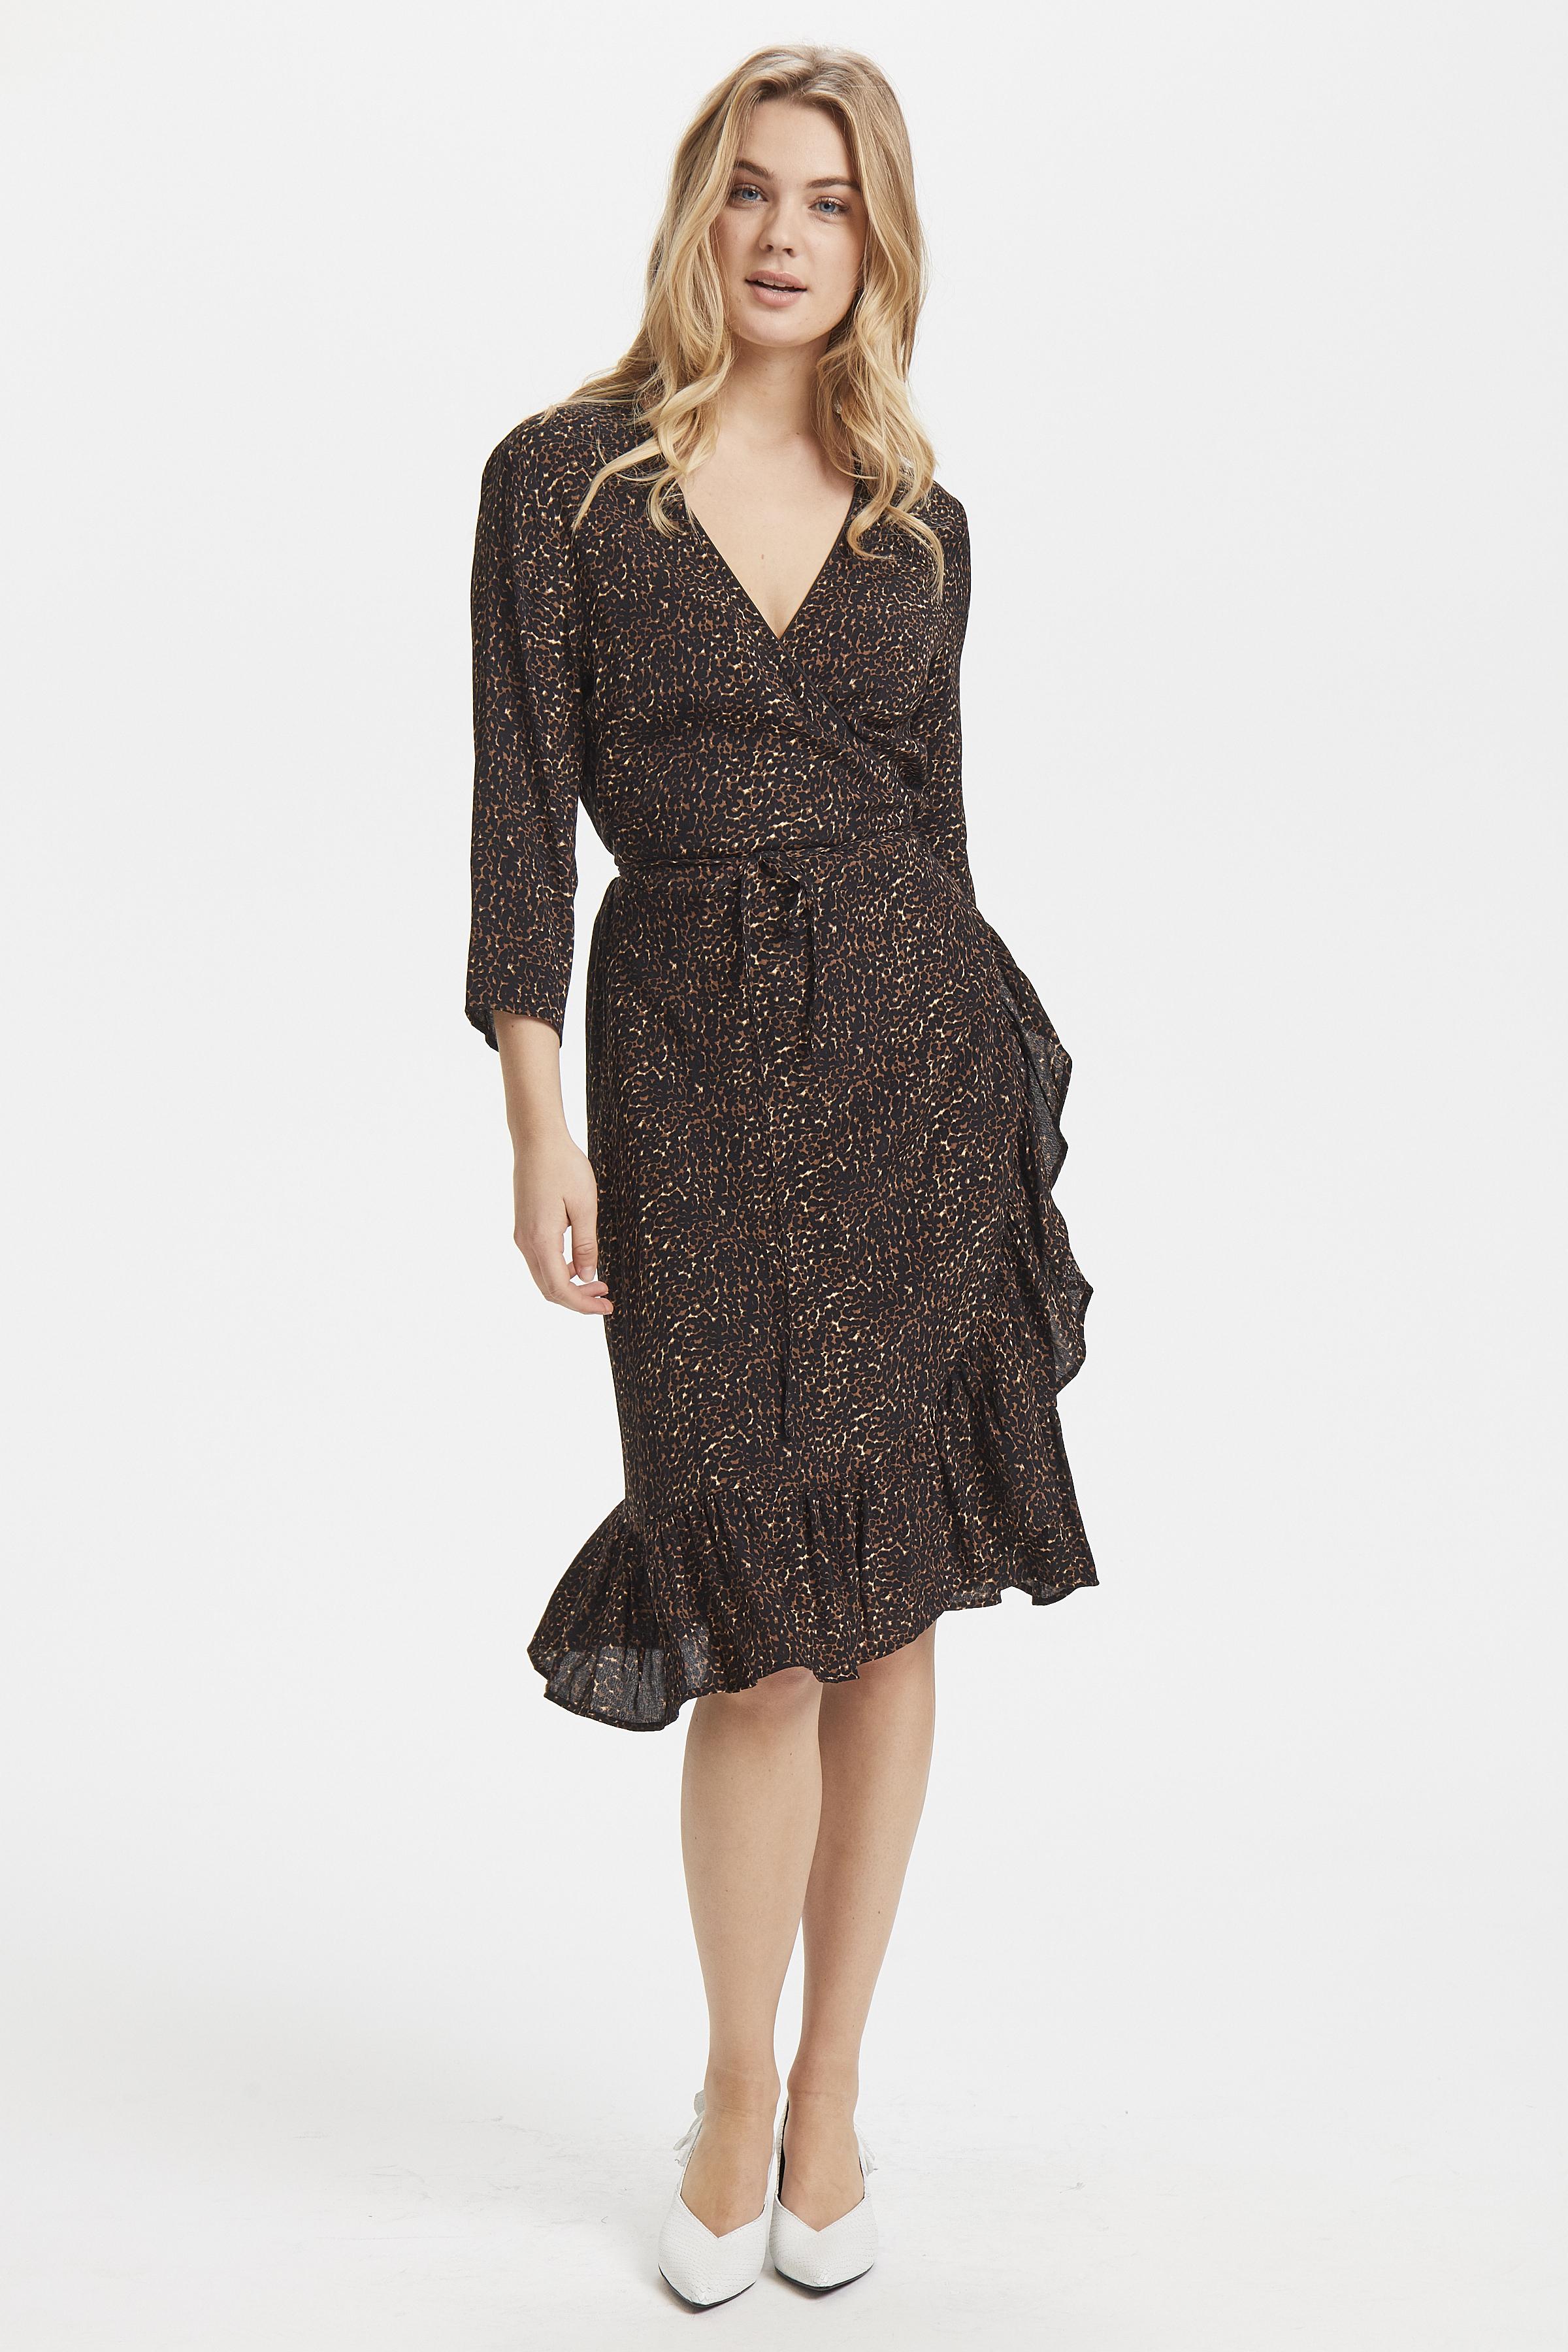 Black combi 1 Kleid von b.young – Kaufen Sie Black combi 1 Kleid aus Größe 34-42 hier